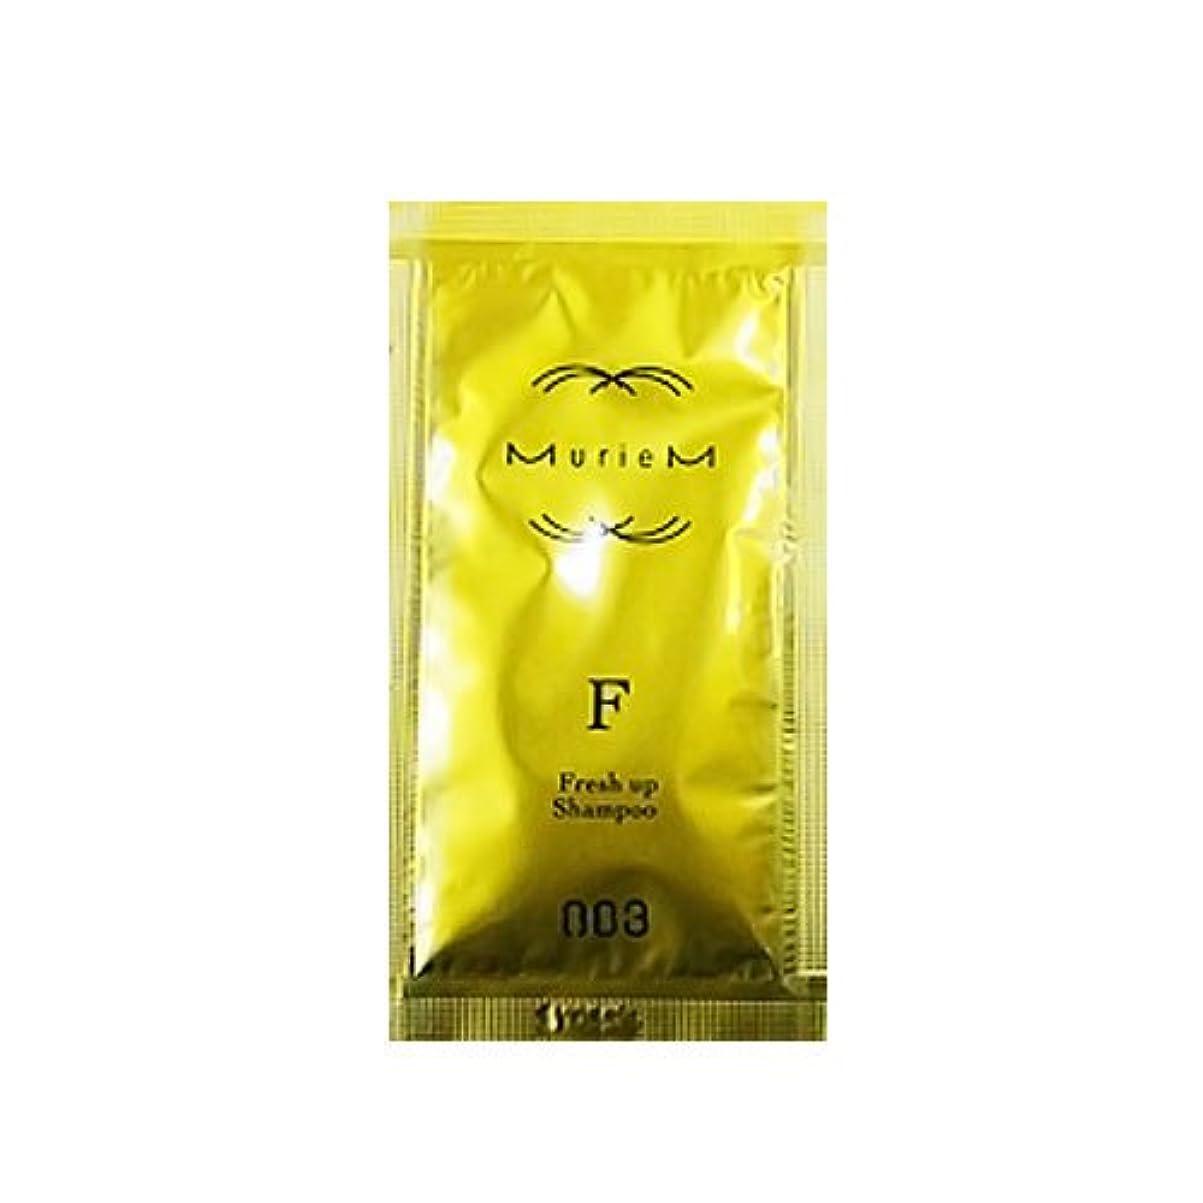 ねばねば抽象化虫ナンバースリー ミュリアム ゴールド シャンプー F(フレッシュ アップ) 10ml【お試し】